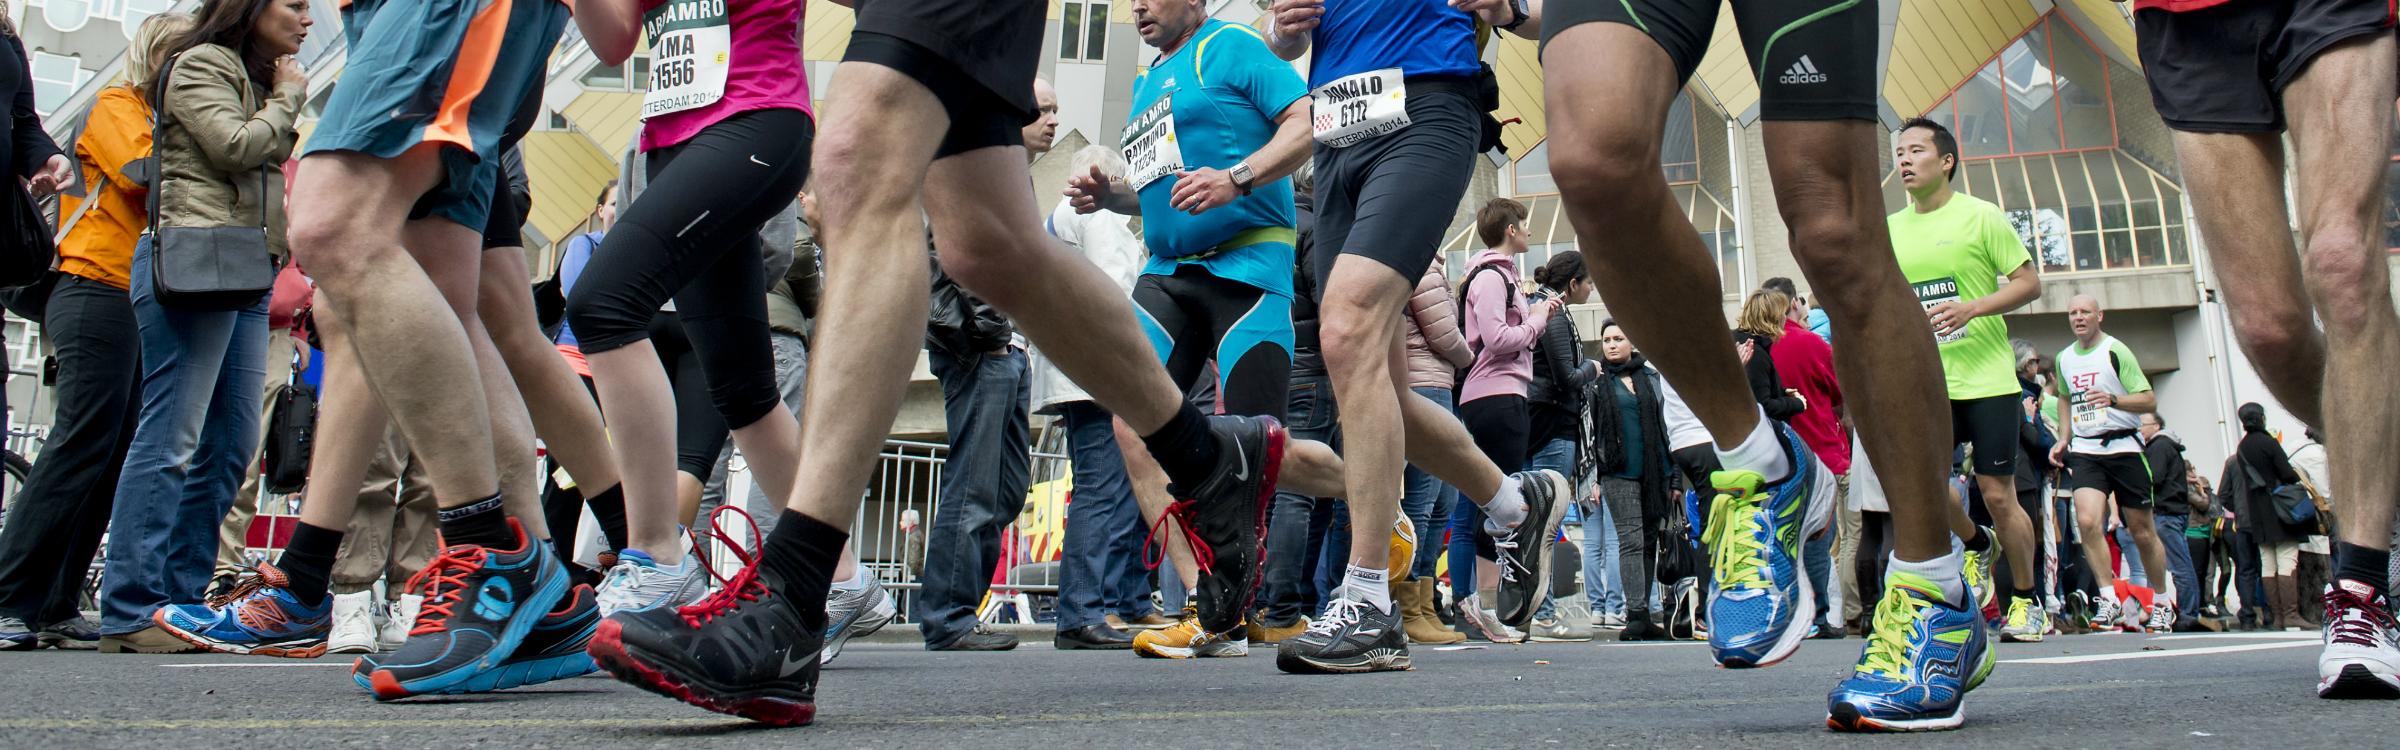 Rotterdammarathon.jpg header